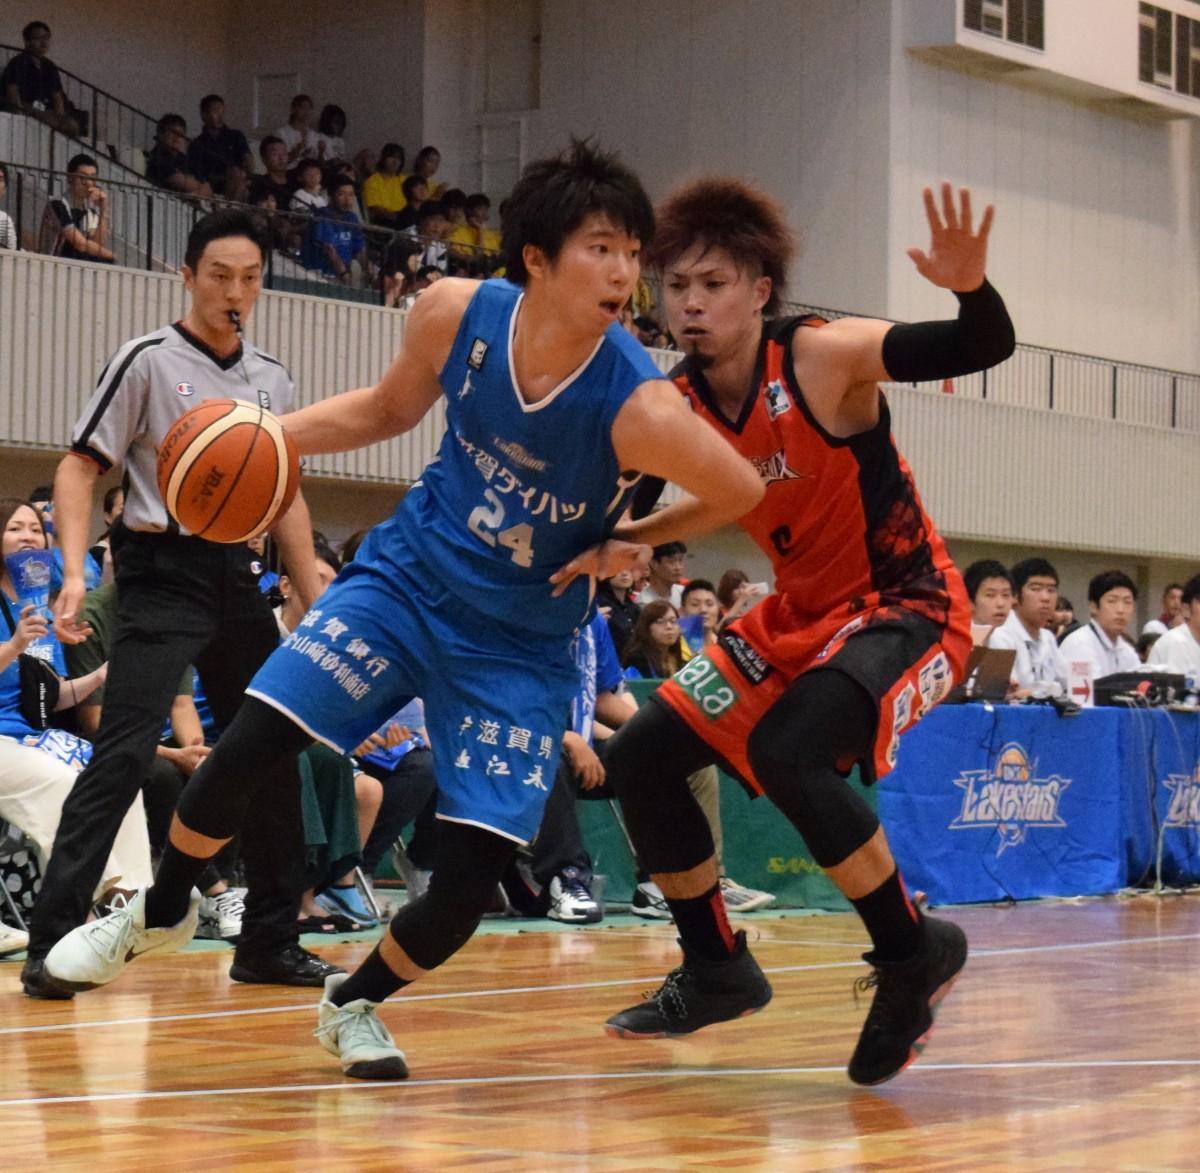 元レイクスの長谷川選手とマッチアップする高橋選手